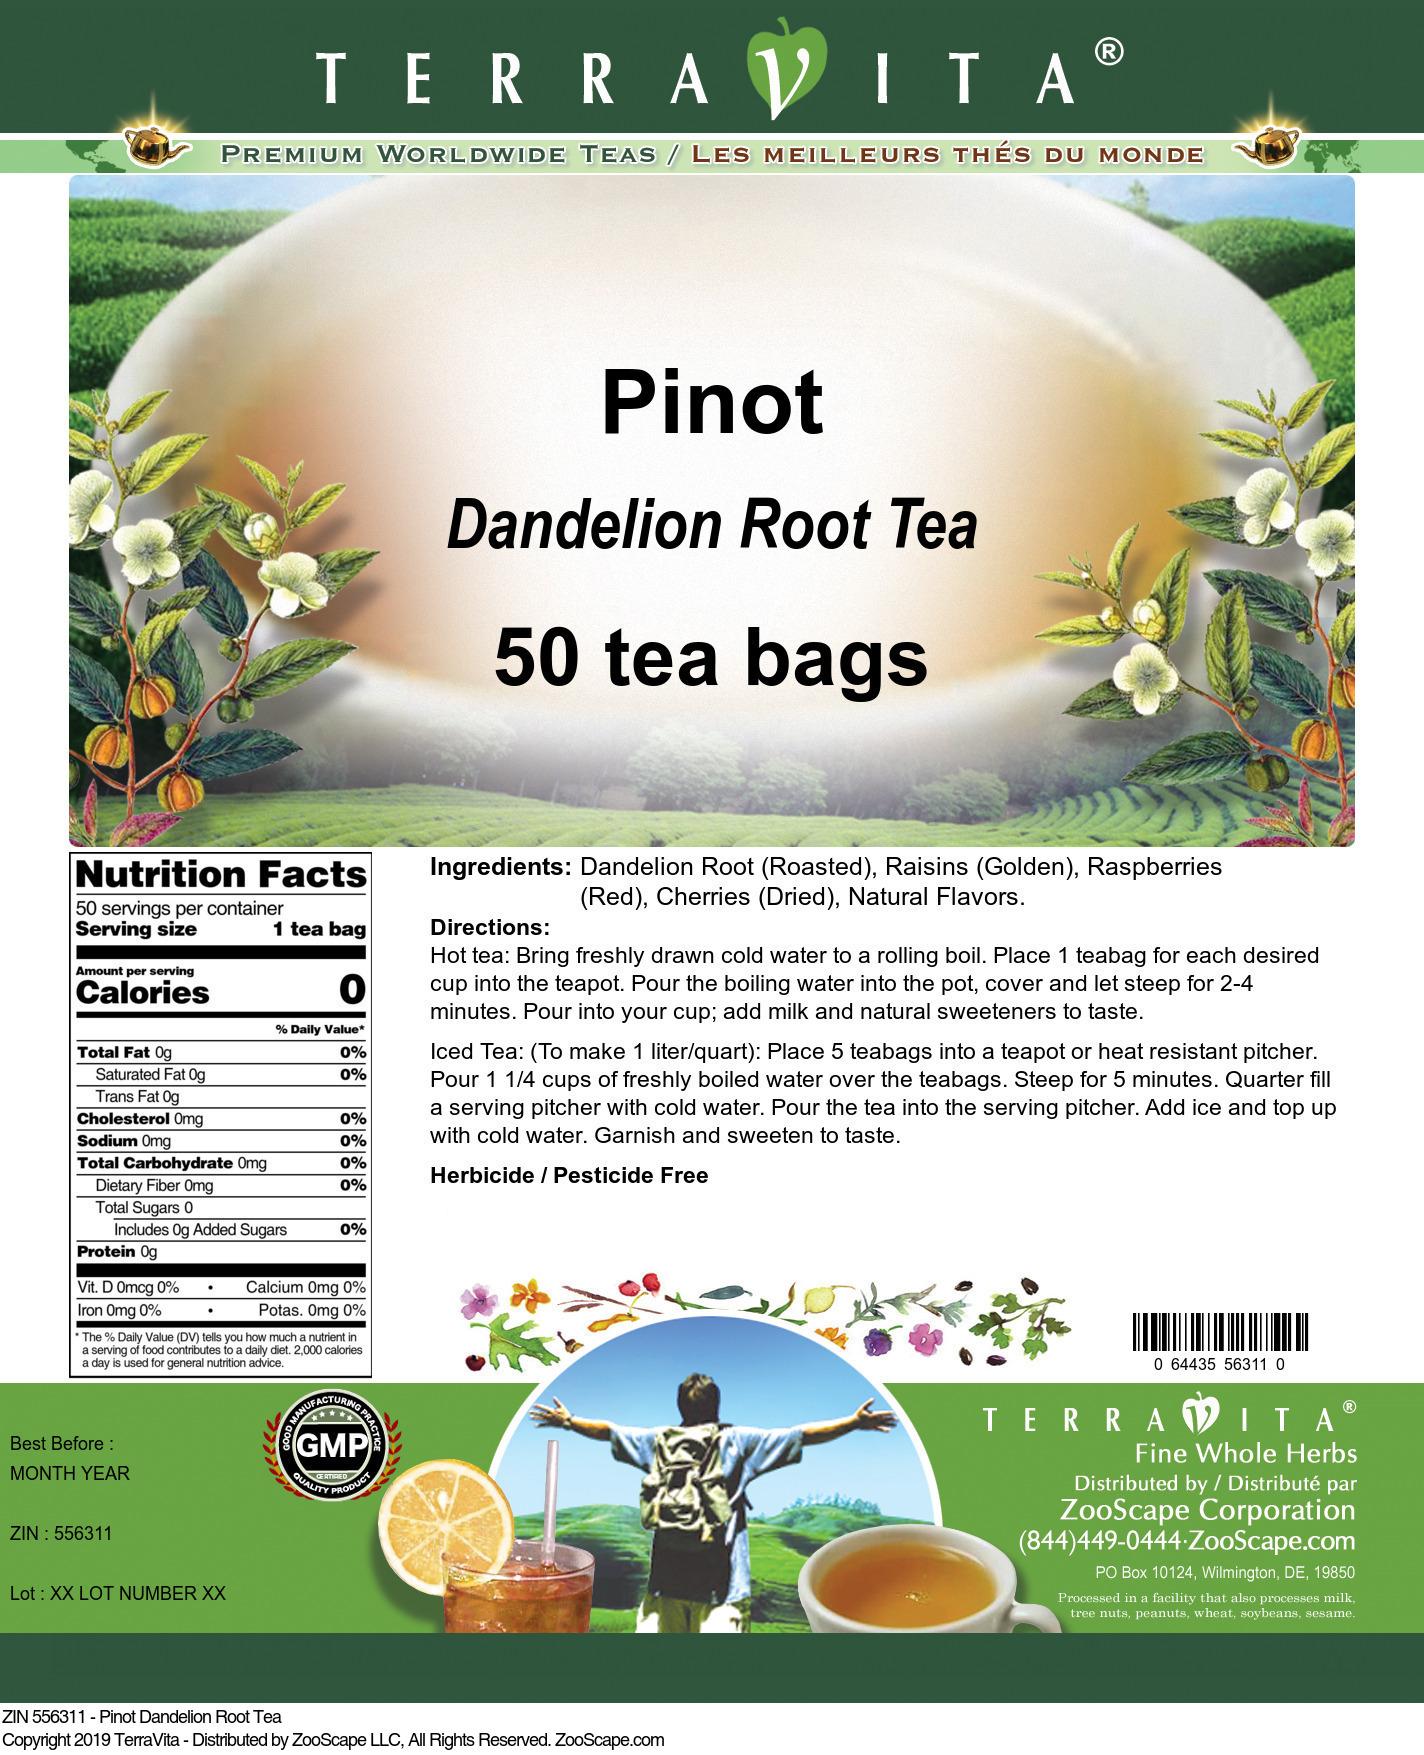 Pinot Dandelion Root Tea